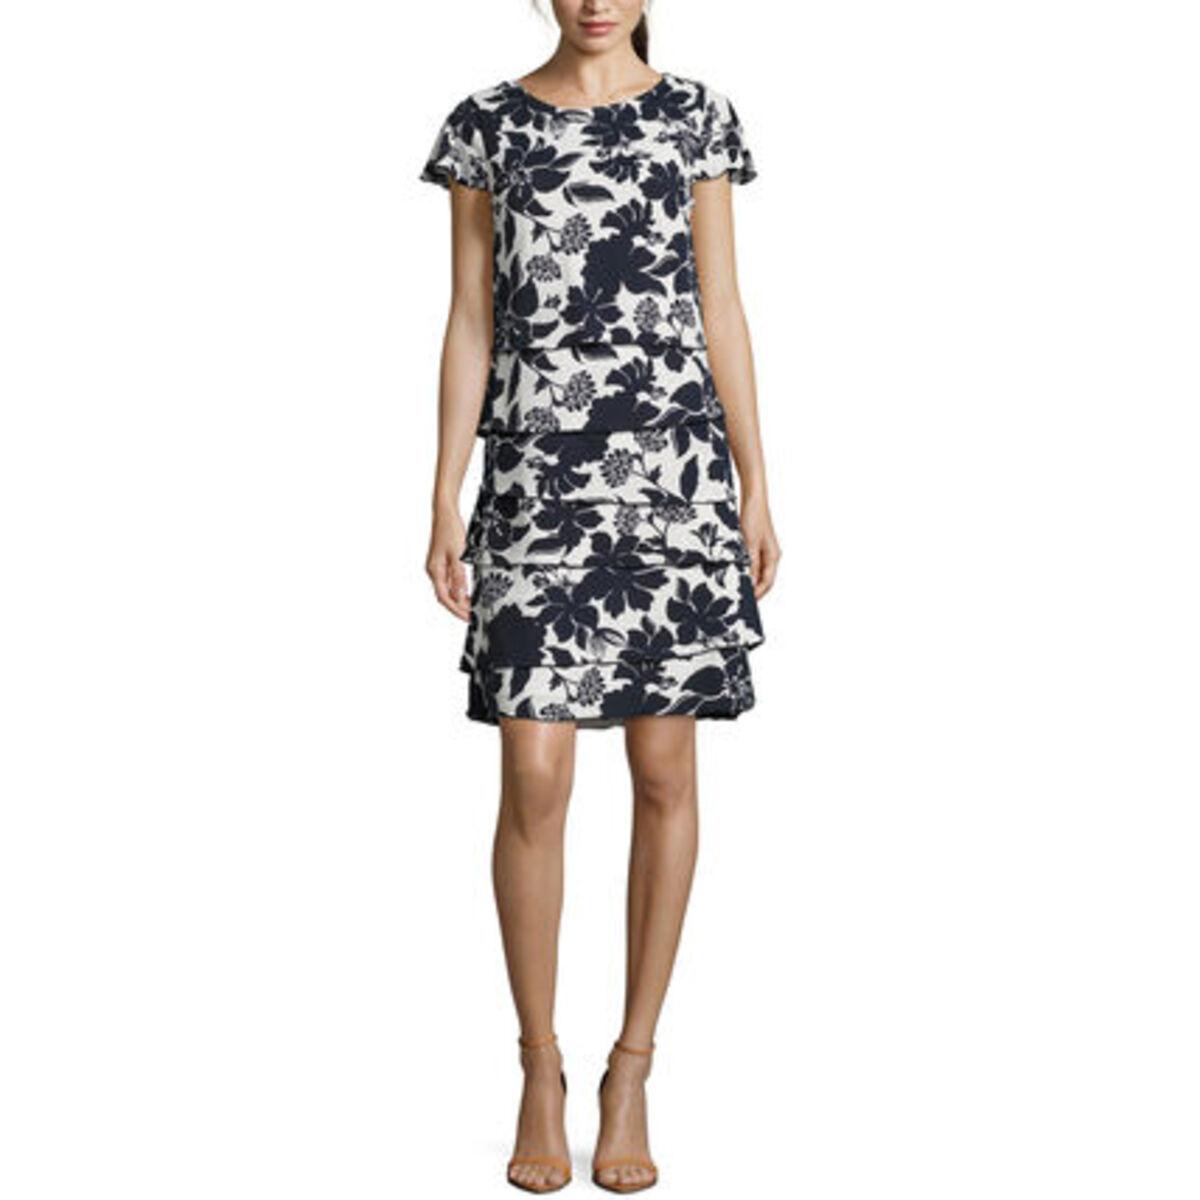 Bild 3 von Betty Barclay Damen Kleid Kurzarm, mit Print